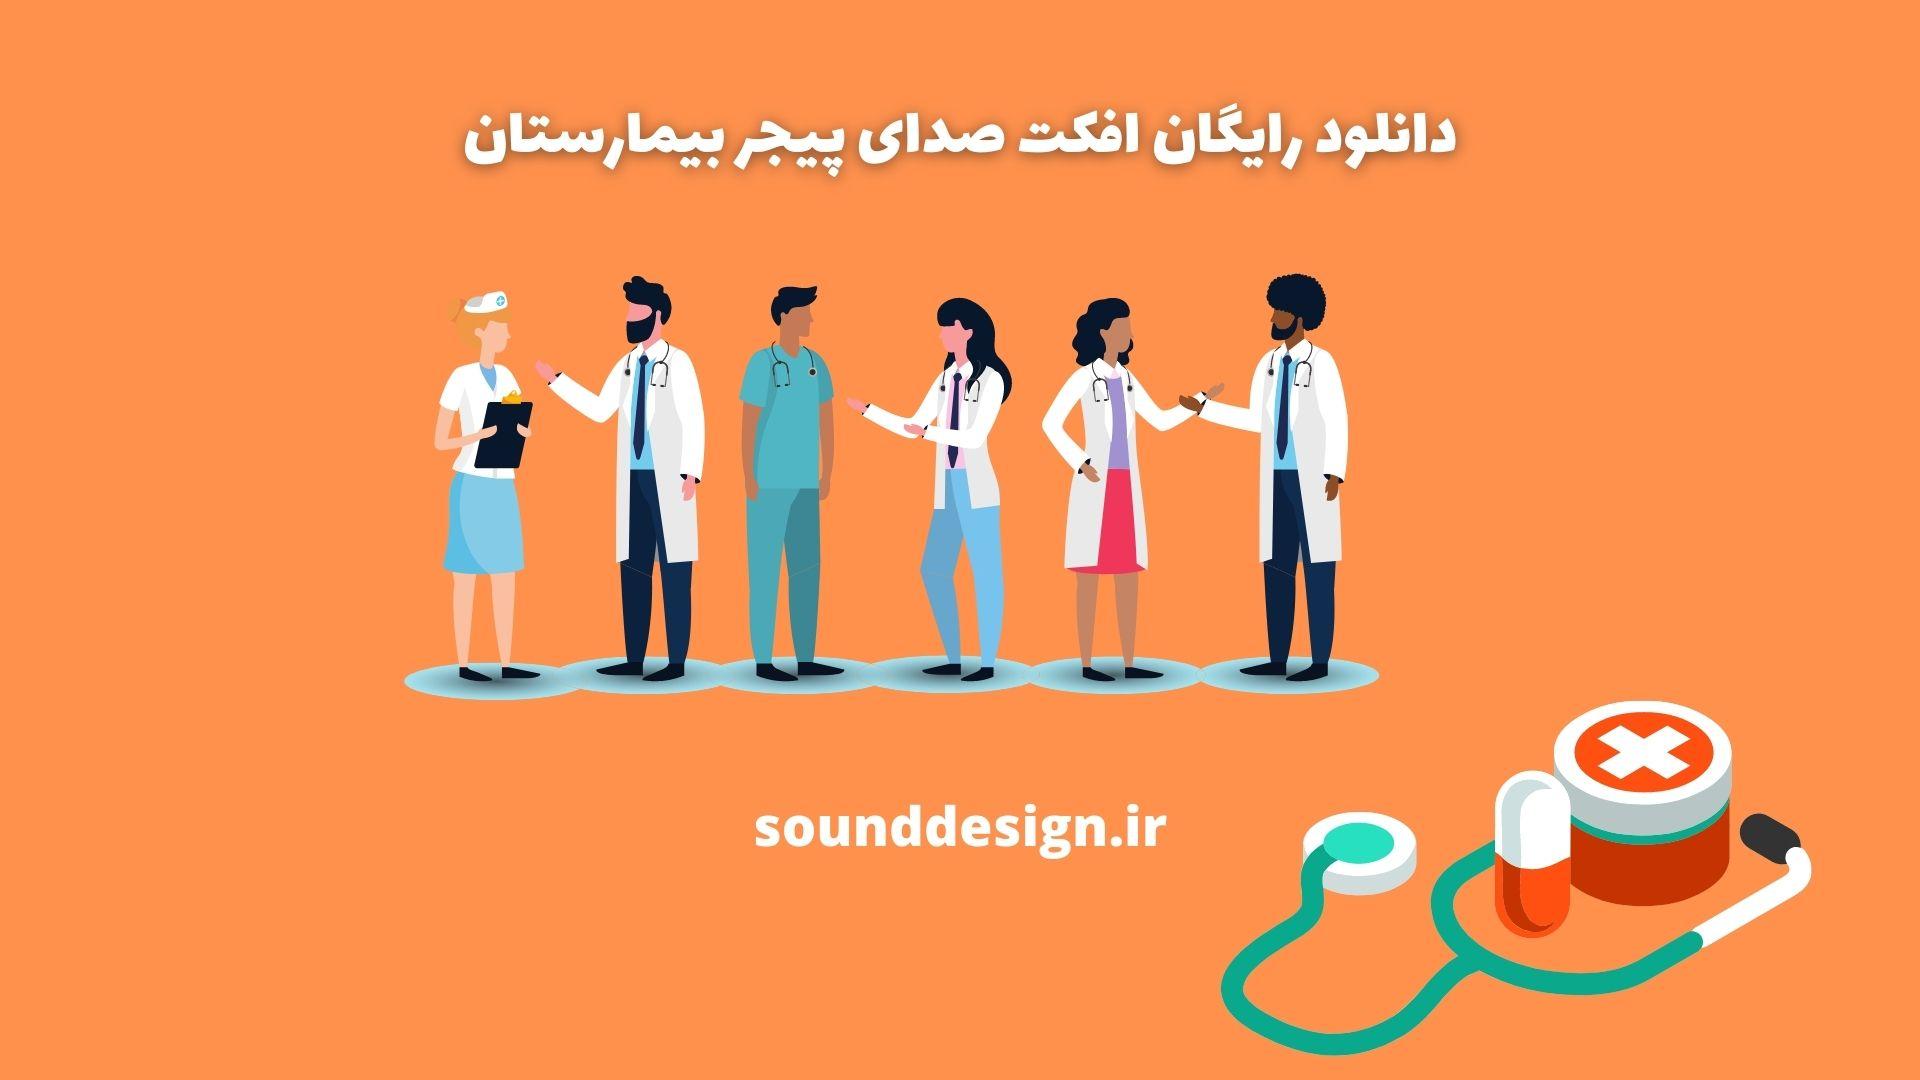 دانلود رایگانافکت صدای پیجر بیمارستان